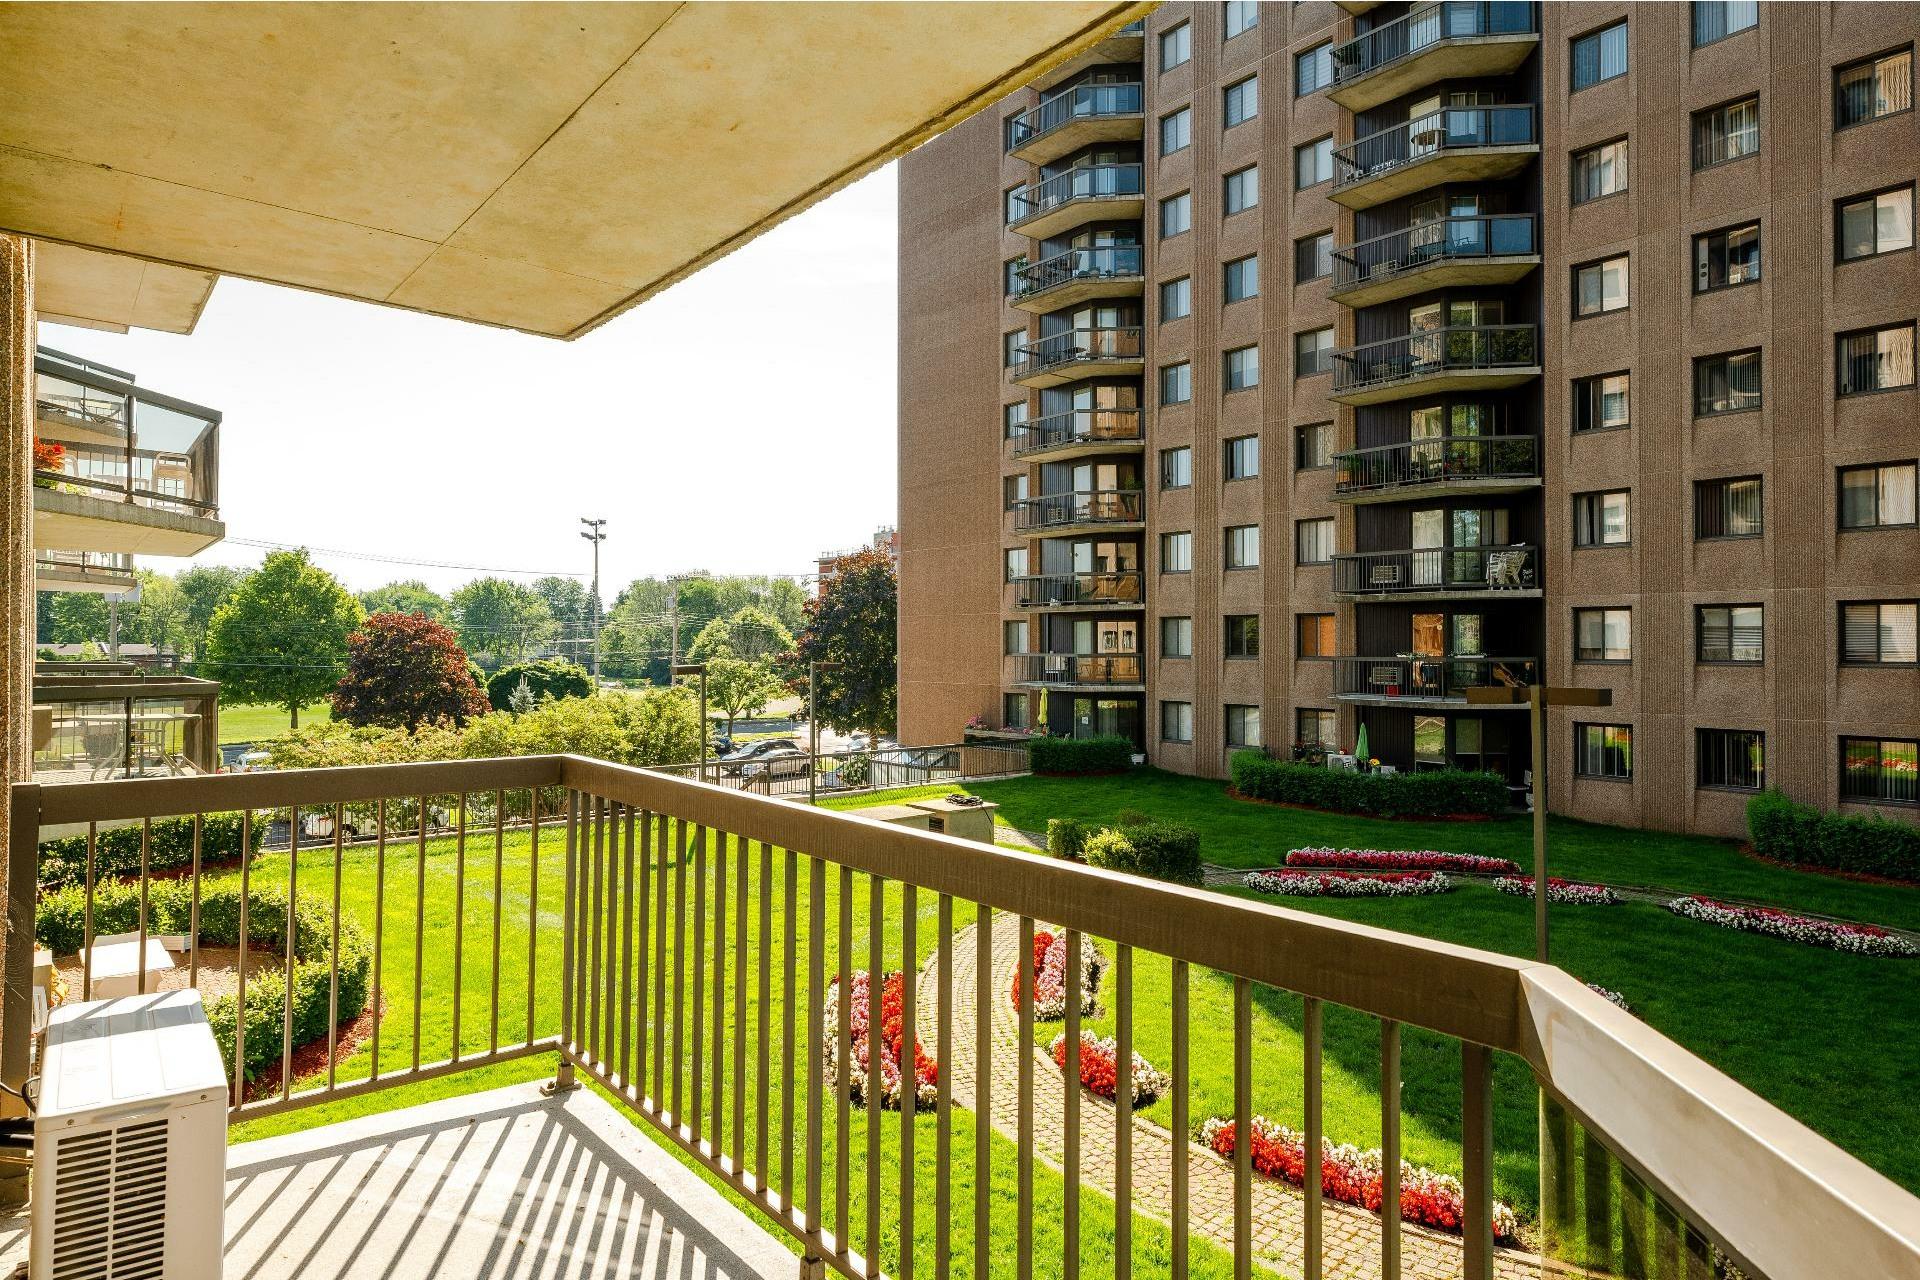 image 15 - Apartment For sale Pierrefonds-Roxboro Montréal  - 5 rooms